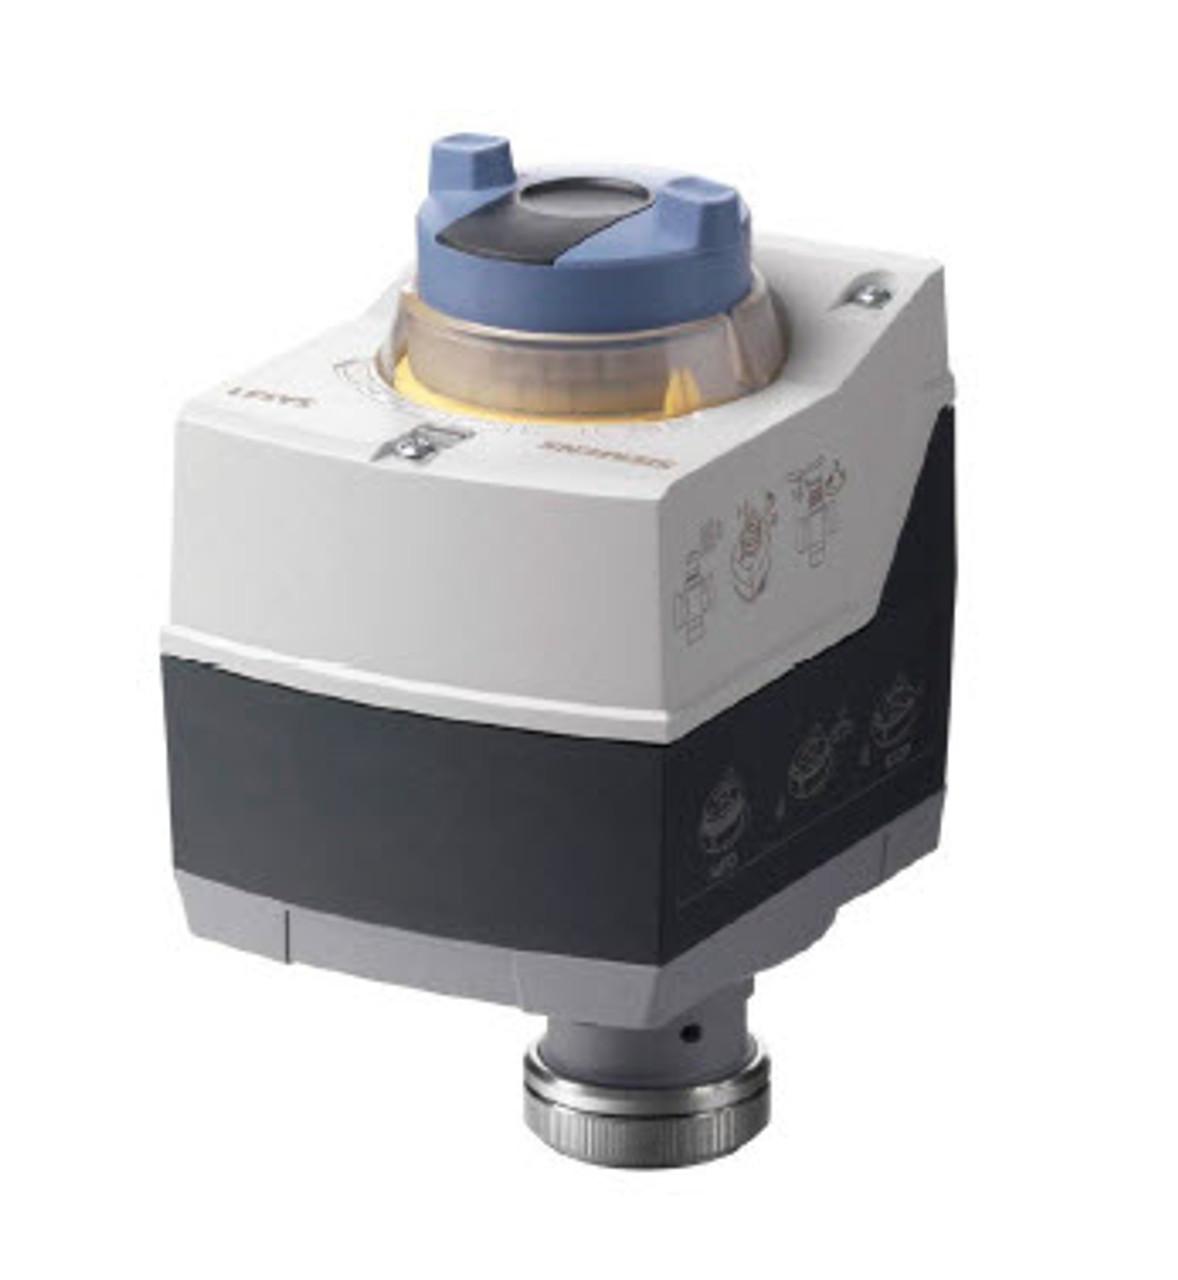 Siemens SAS81.33, S55158-A105 Electromotoric actuator